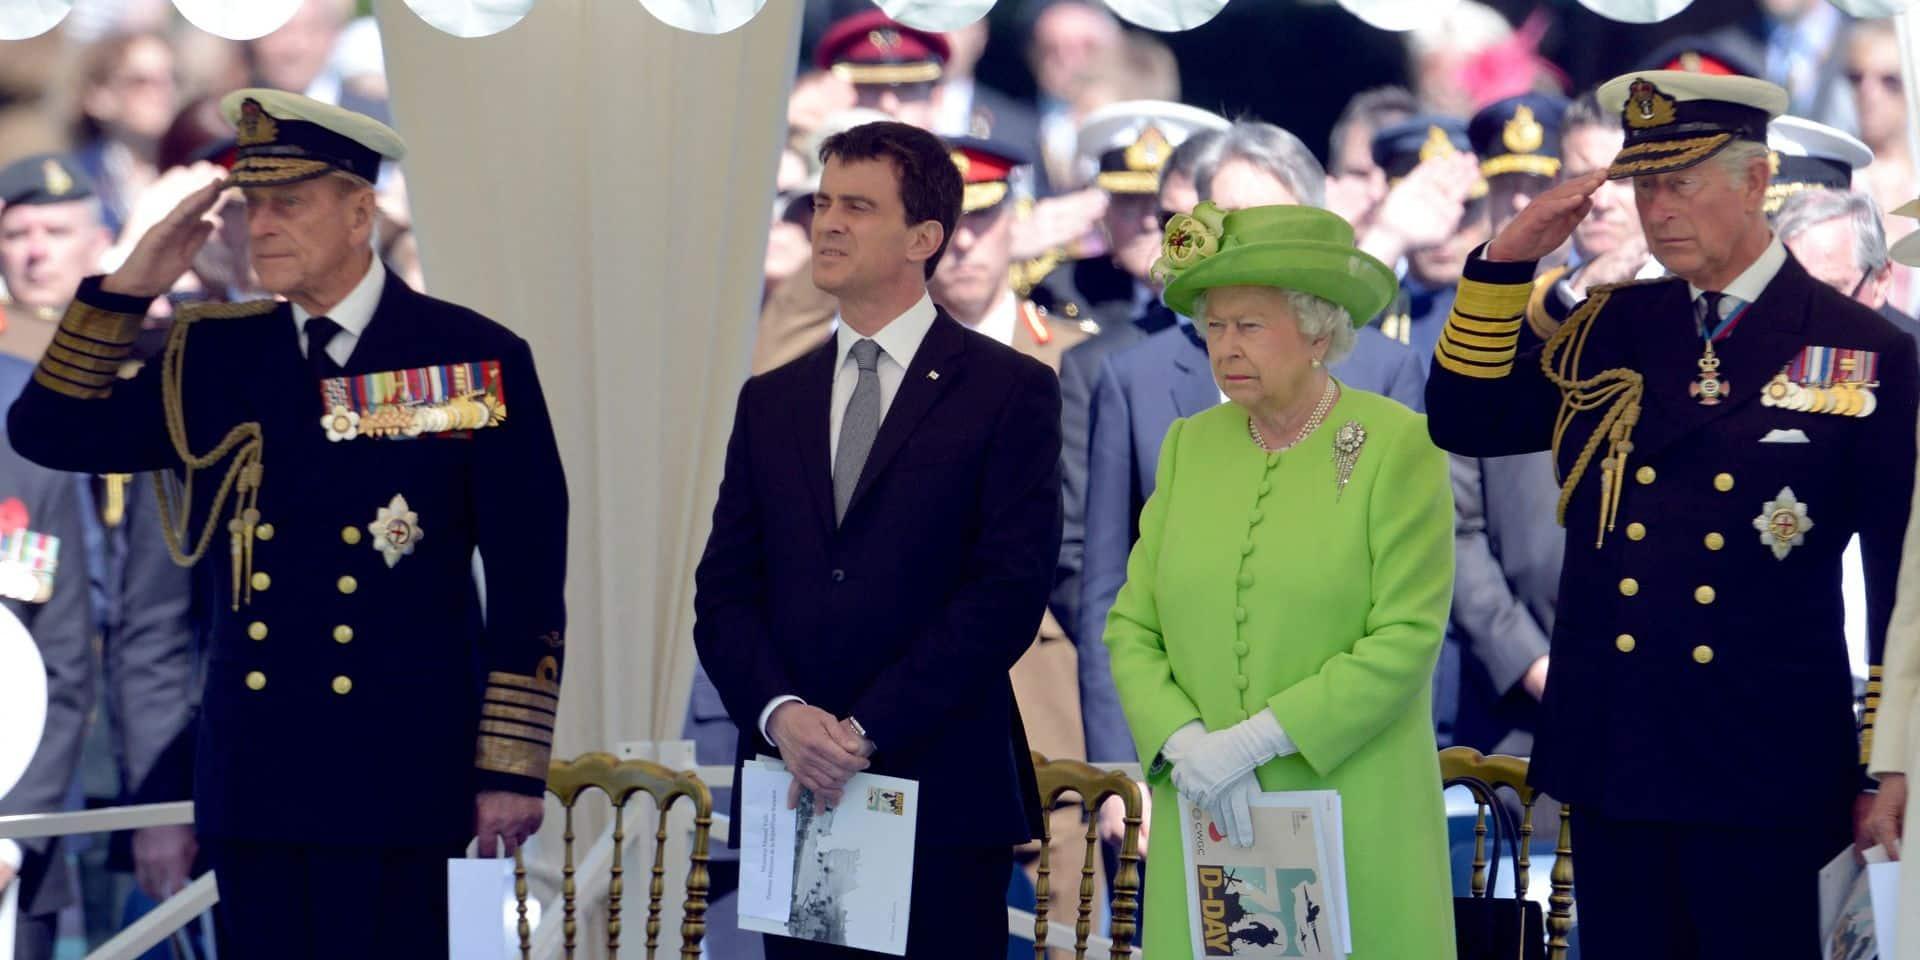 Manuel Valls rend hommage au prince Philip, les internautes se moquent de lui